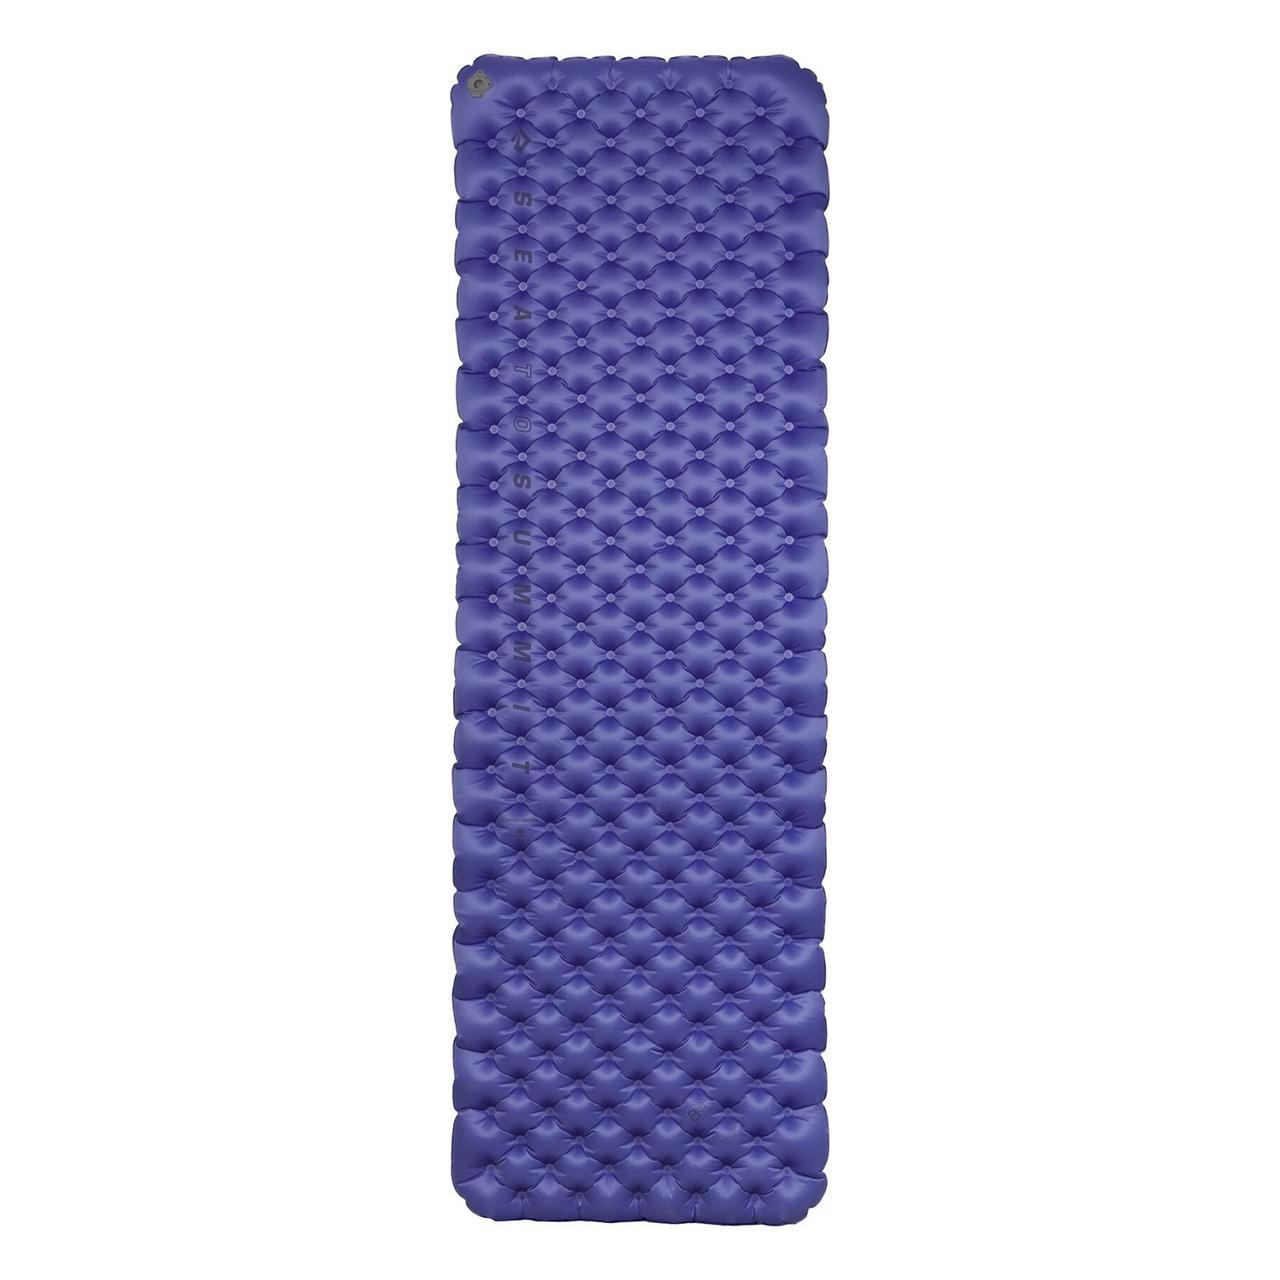 Надувной коврик Sea To Summit - Air Sprung Comfort Deluxe Insulated Mat Blue, 186 см х 64 см х 8 см (STS AMCDINSRW)(Длина 186 см)